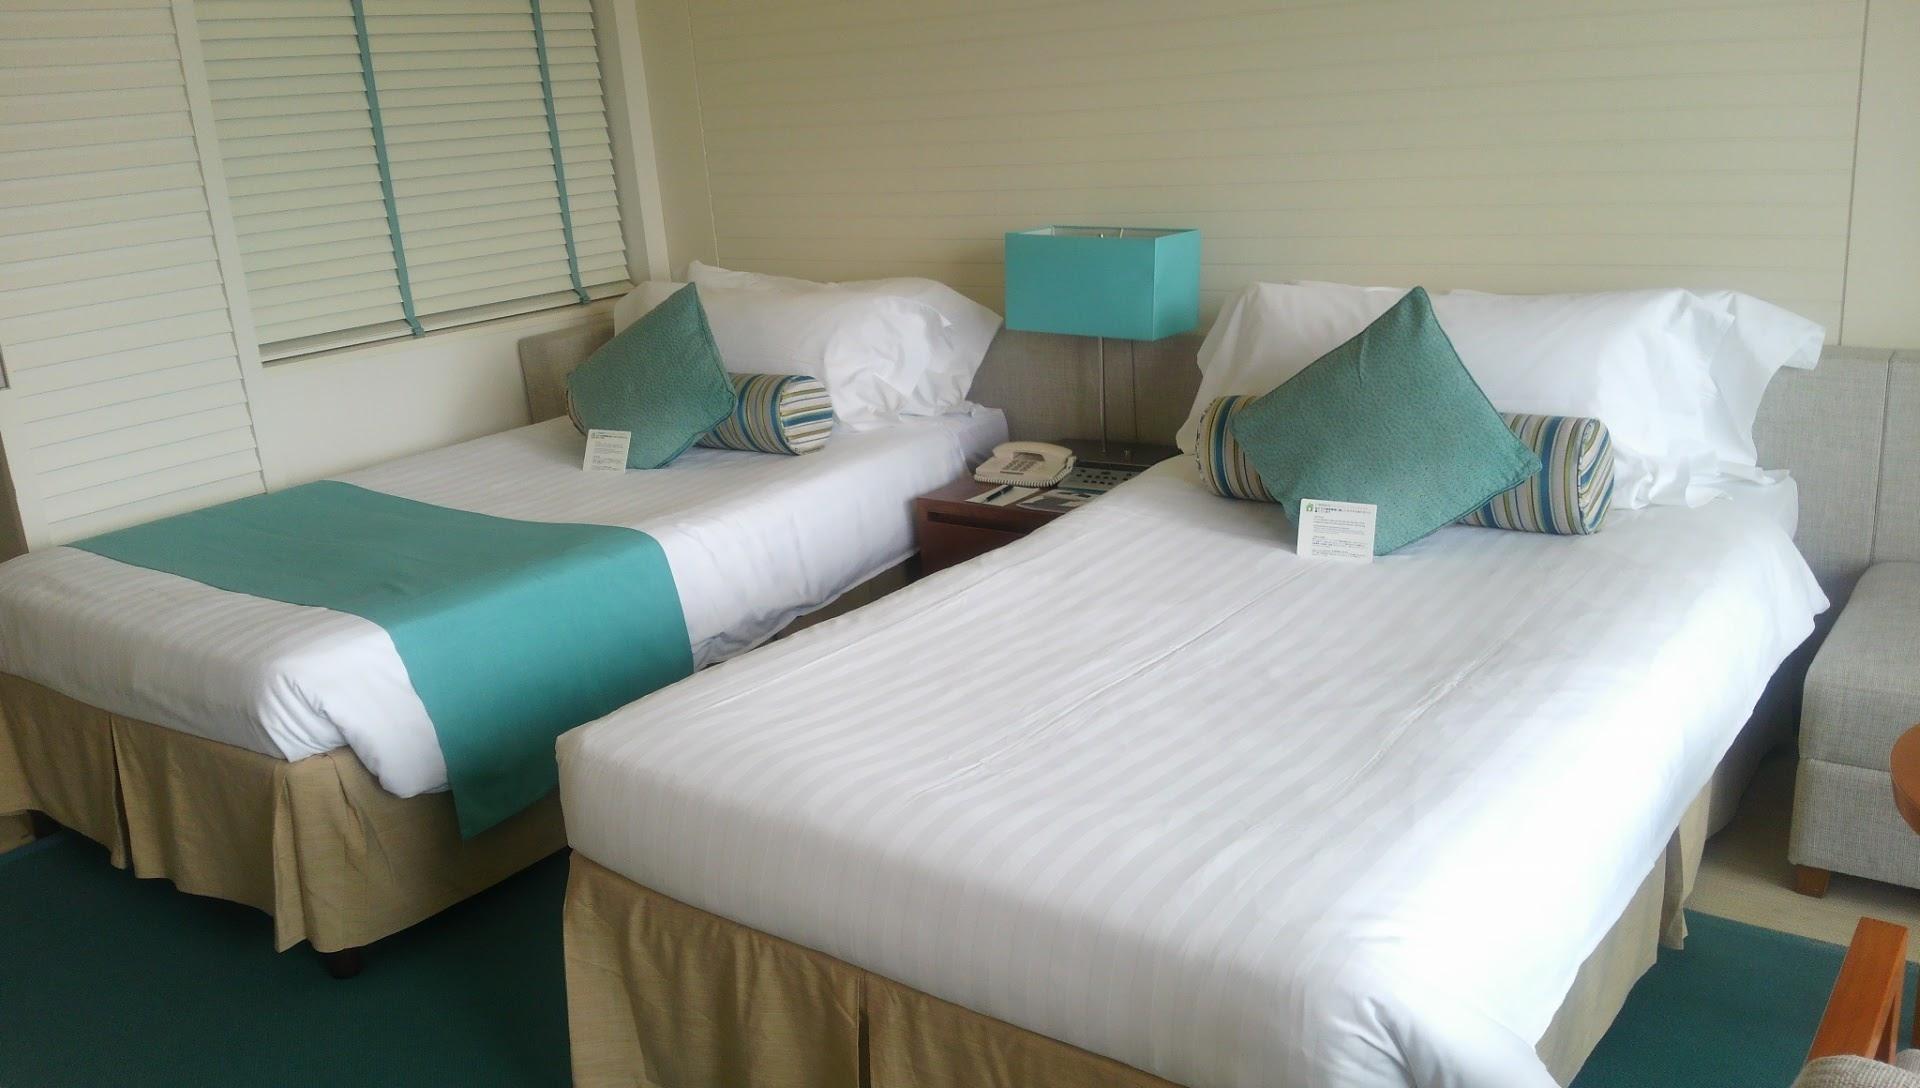 沖縄はシーズンで最高だけど、リゾートホテルの宿泊料金も最高ですね。